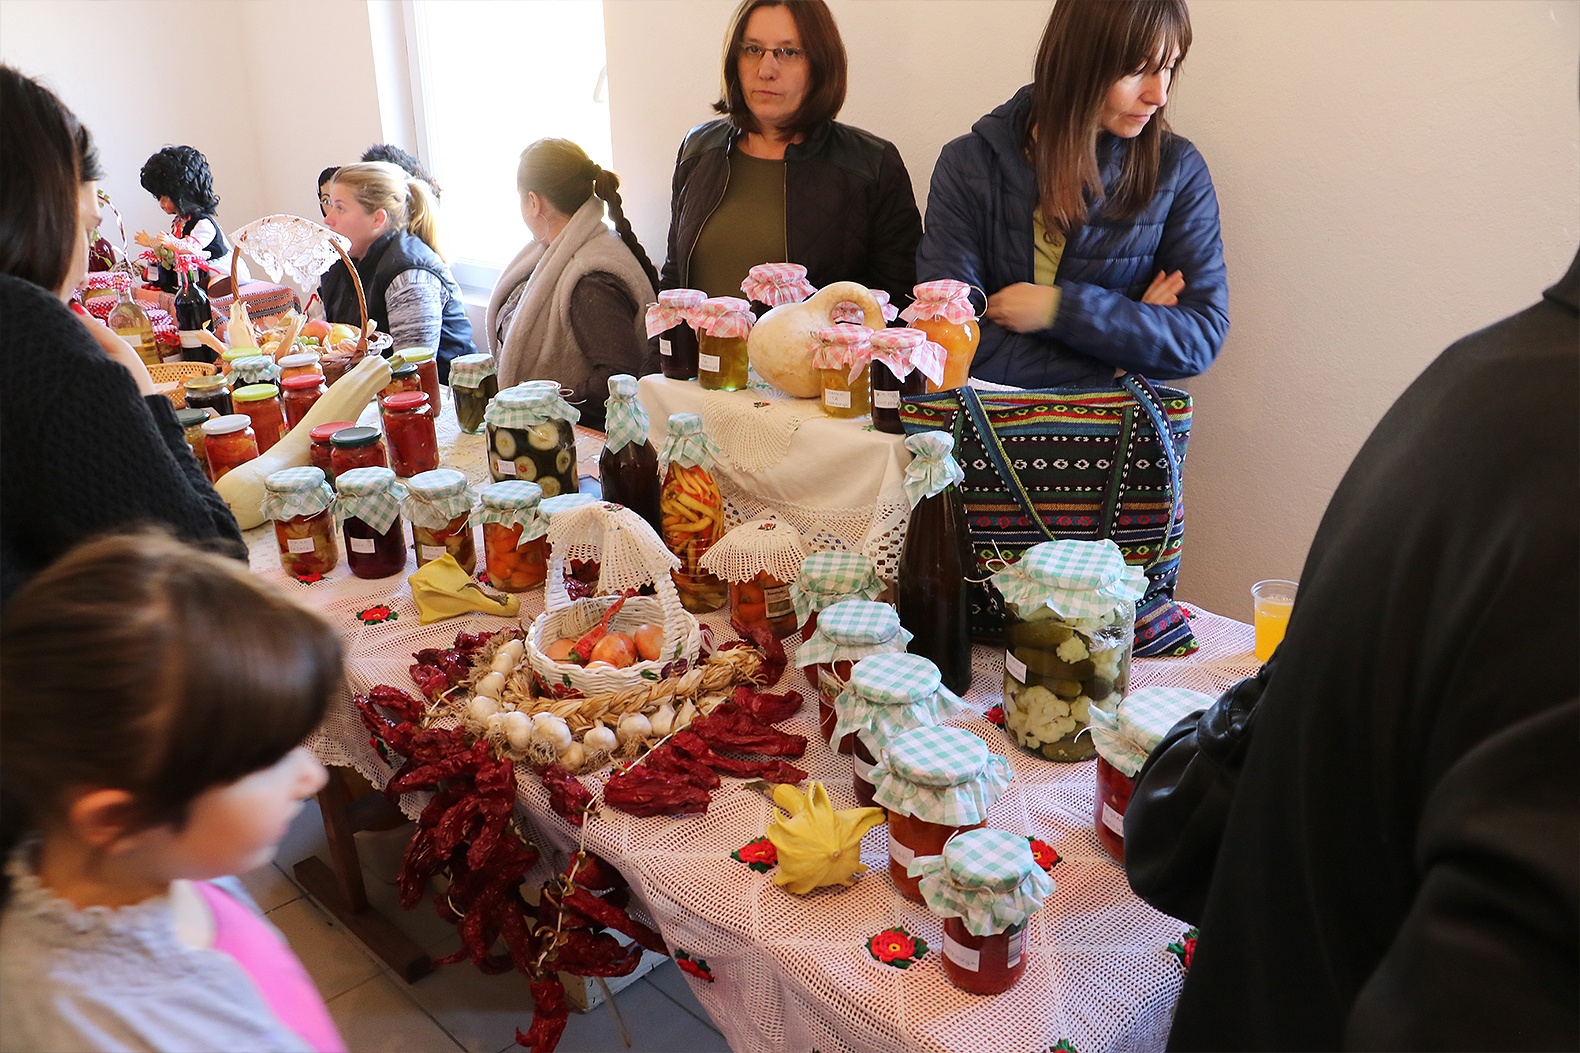 Sajam zimnice i zdrave hrane u Crnoljevici kod Svrljiga, Foto: Marko Miladinović, Domaćinska kuća